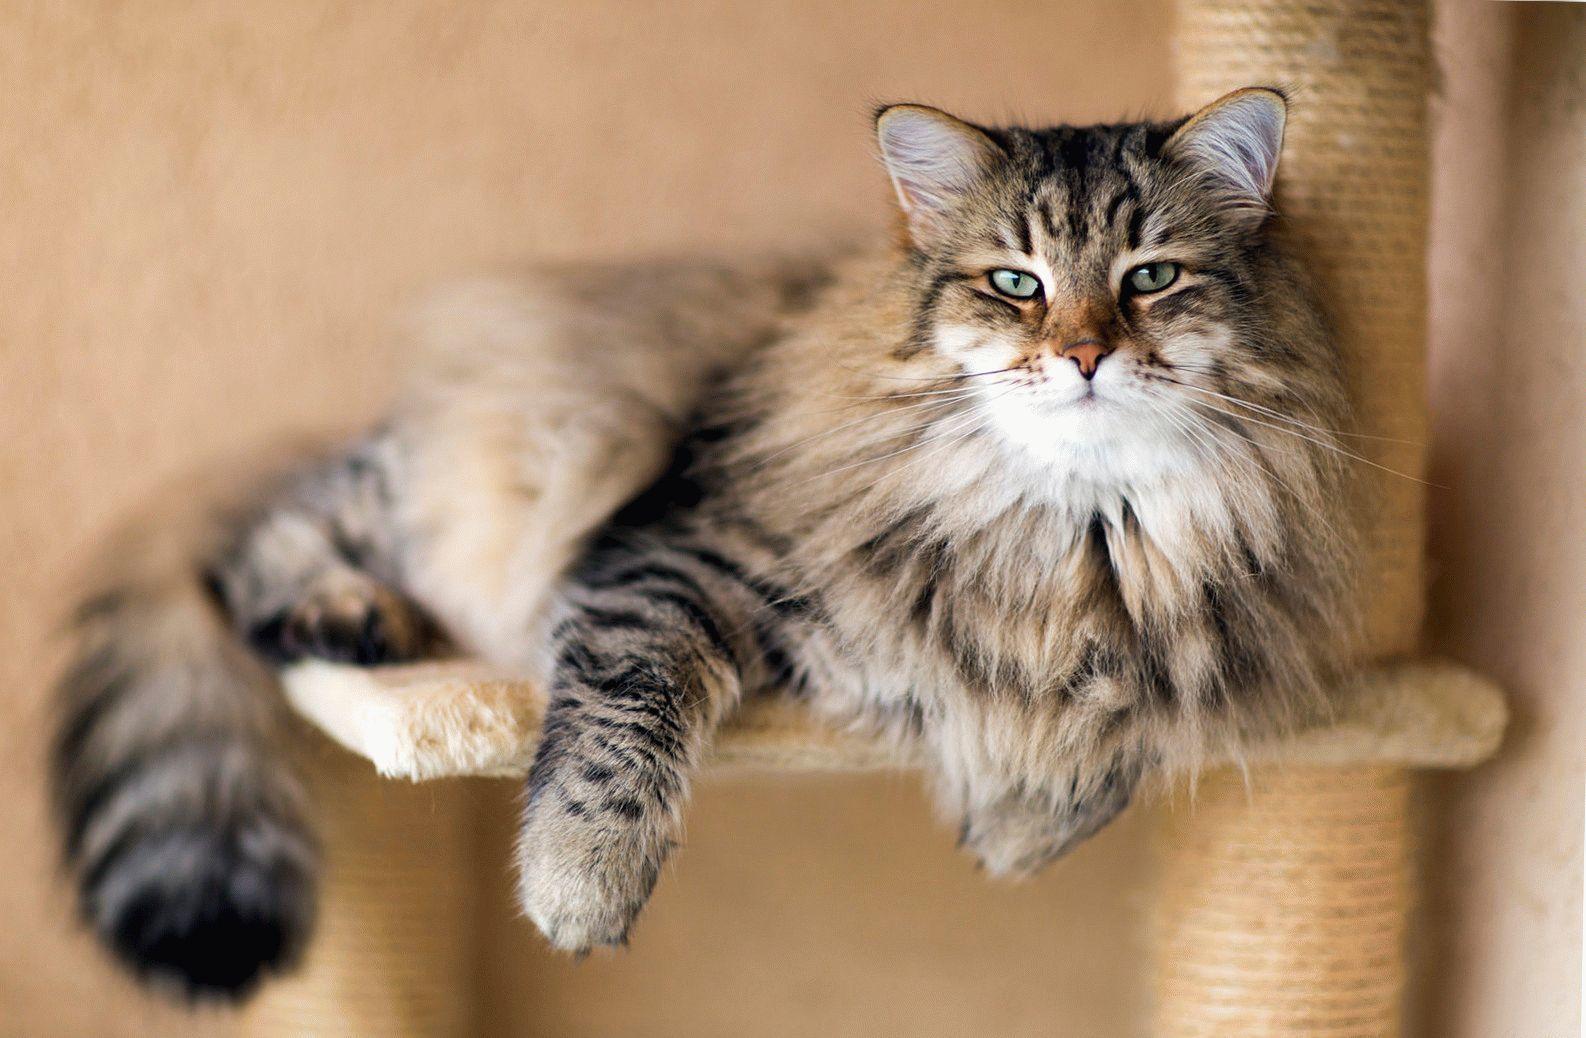 Кошки и коты прекрасно слышат и воспринимают свистящие и шипящие звуки